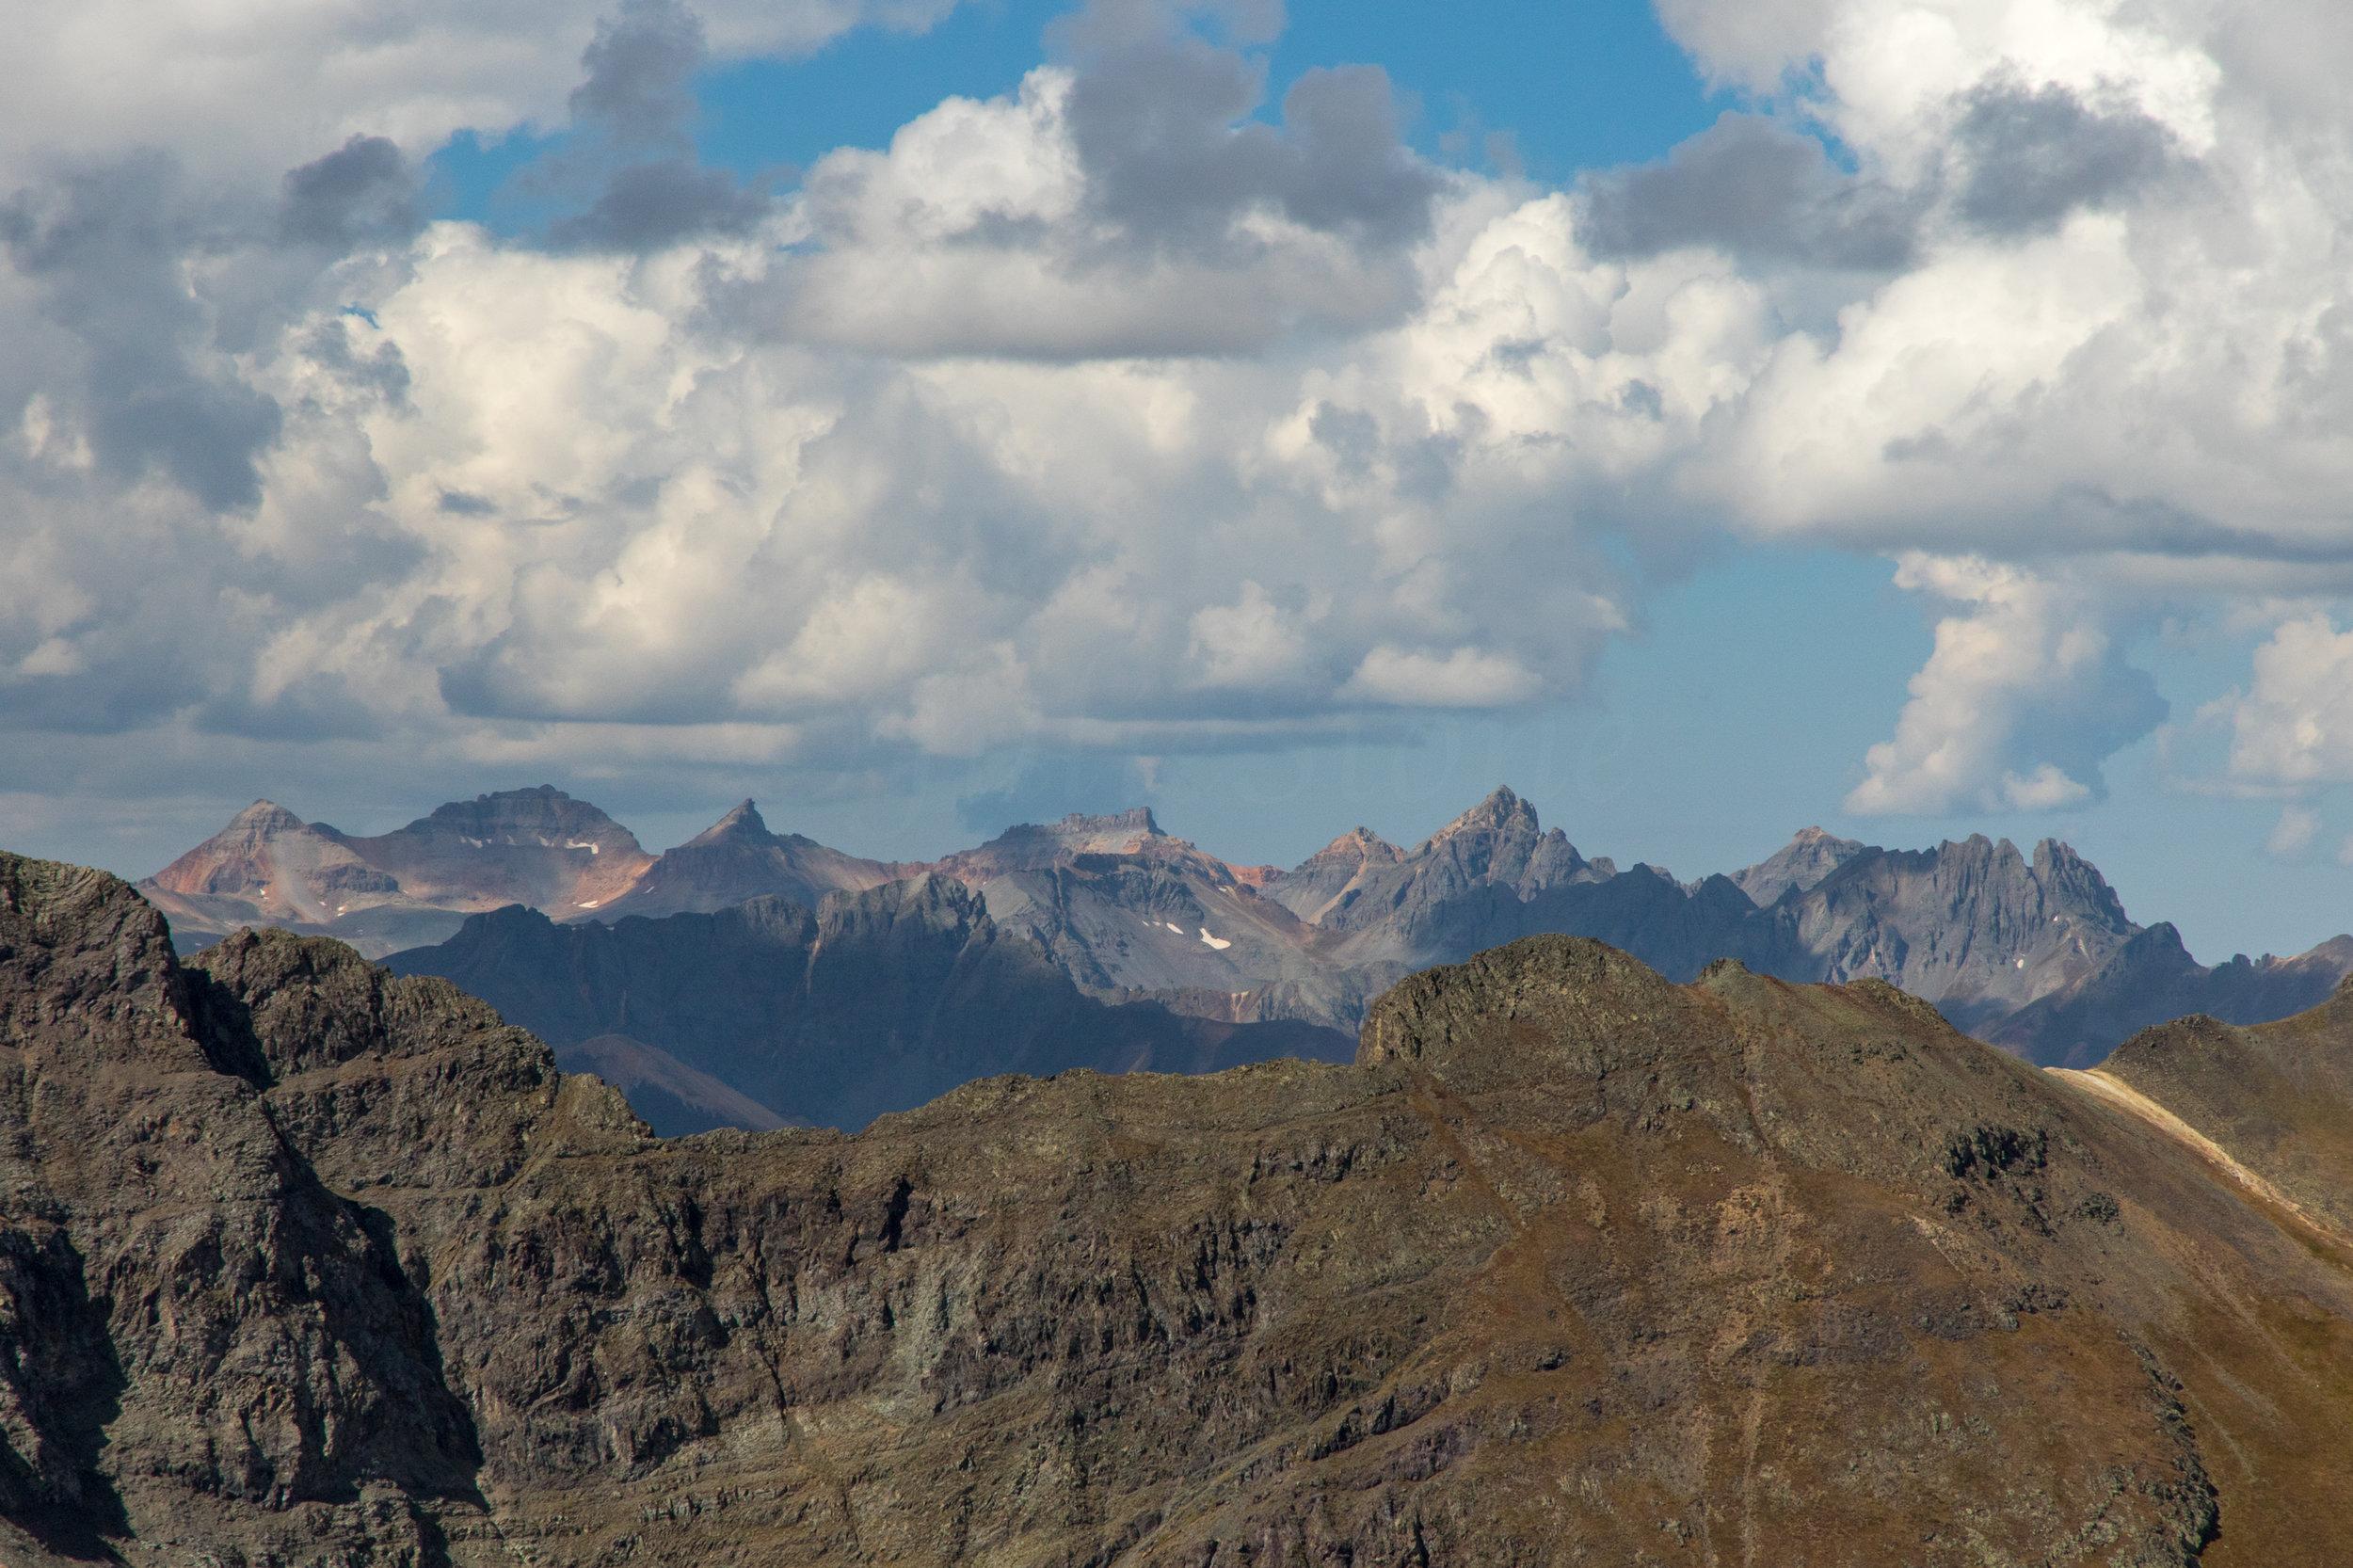 San Juan Mountain Range from trail, Image # 7556